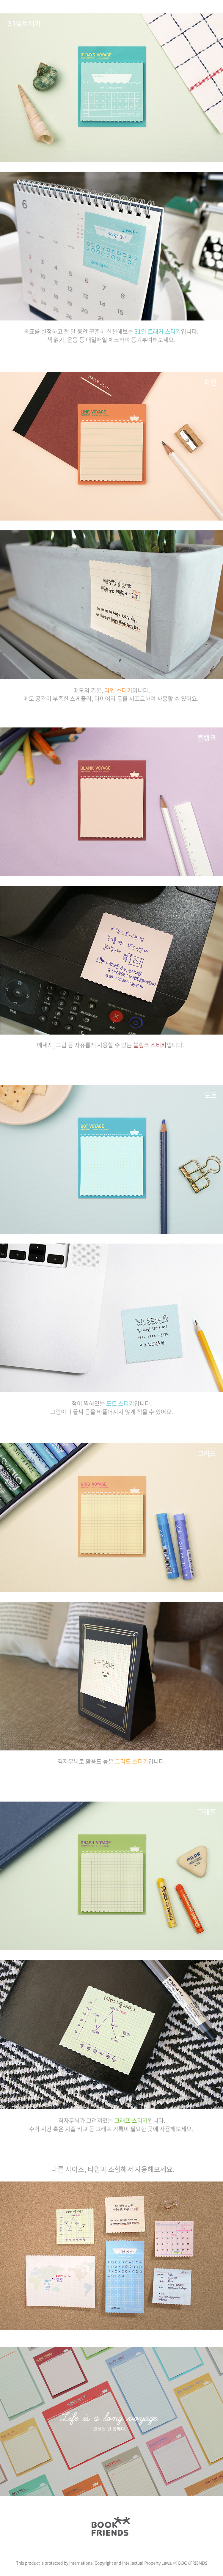 웨이브 스티키 - S (10types) - 북프렌즈, 1,500원, 메모/점착메모, 점착메모지